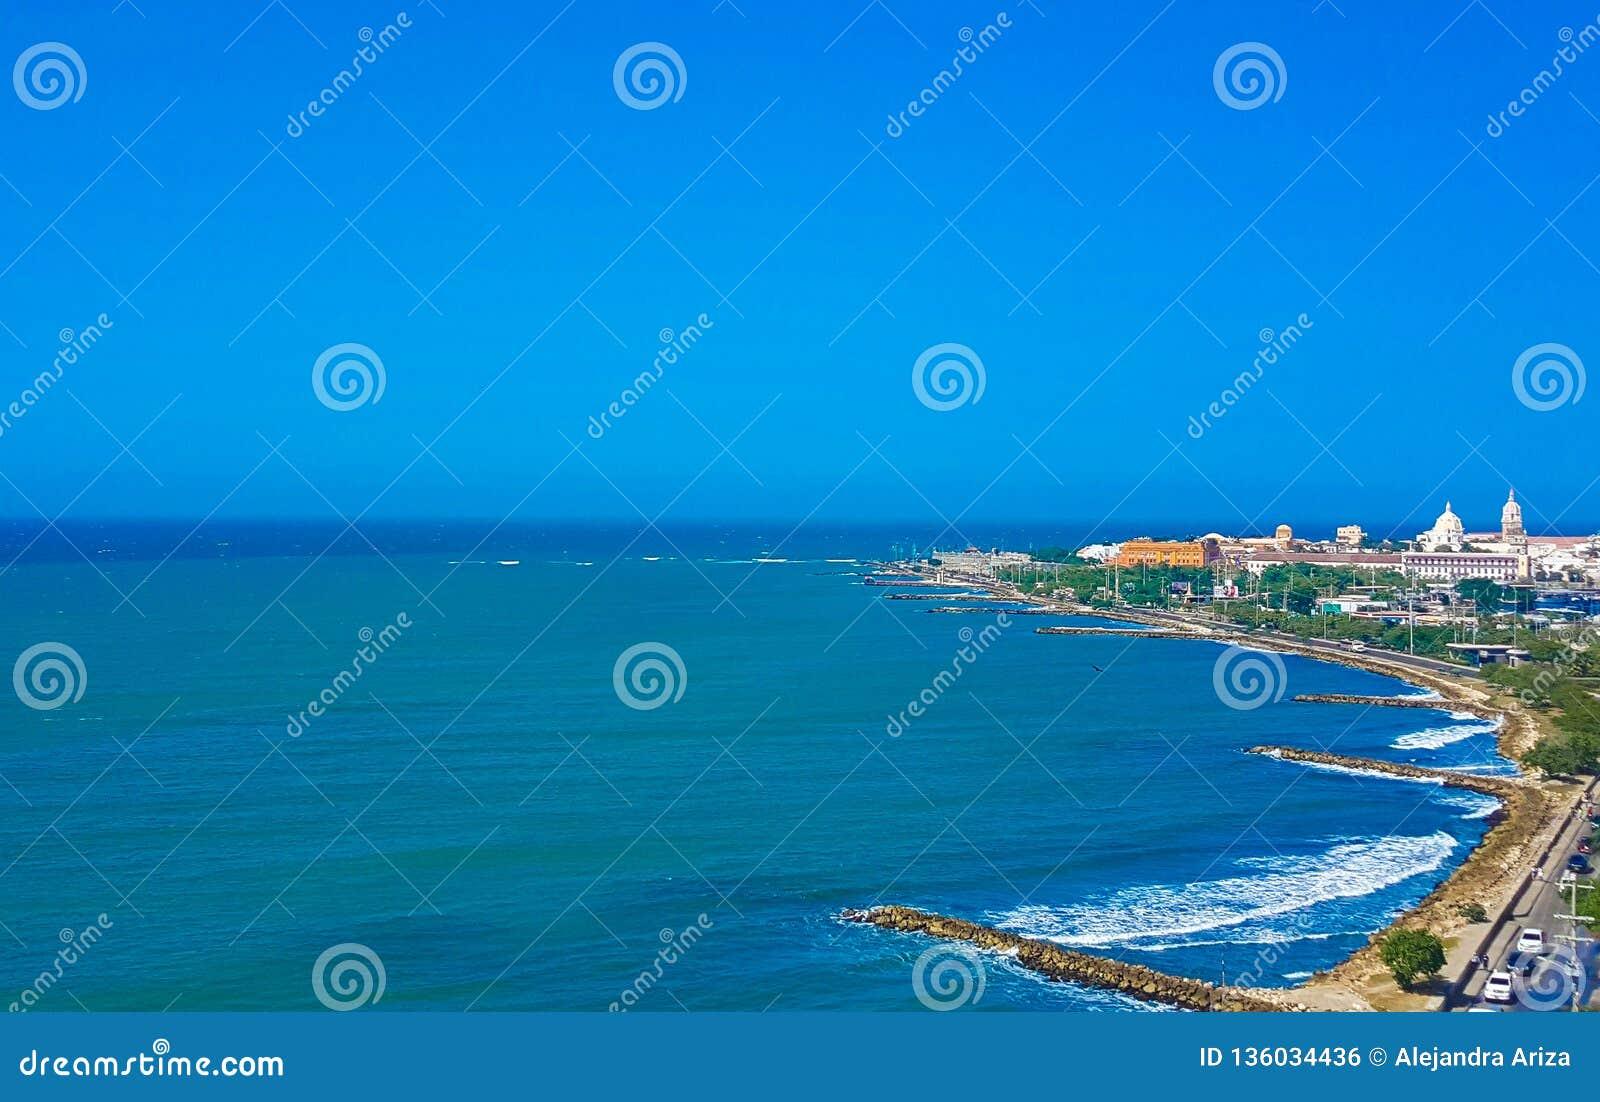 Cartagena, die fantastische Stadt!